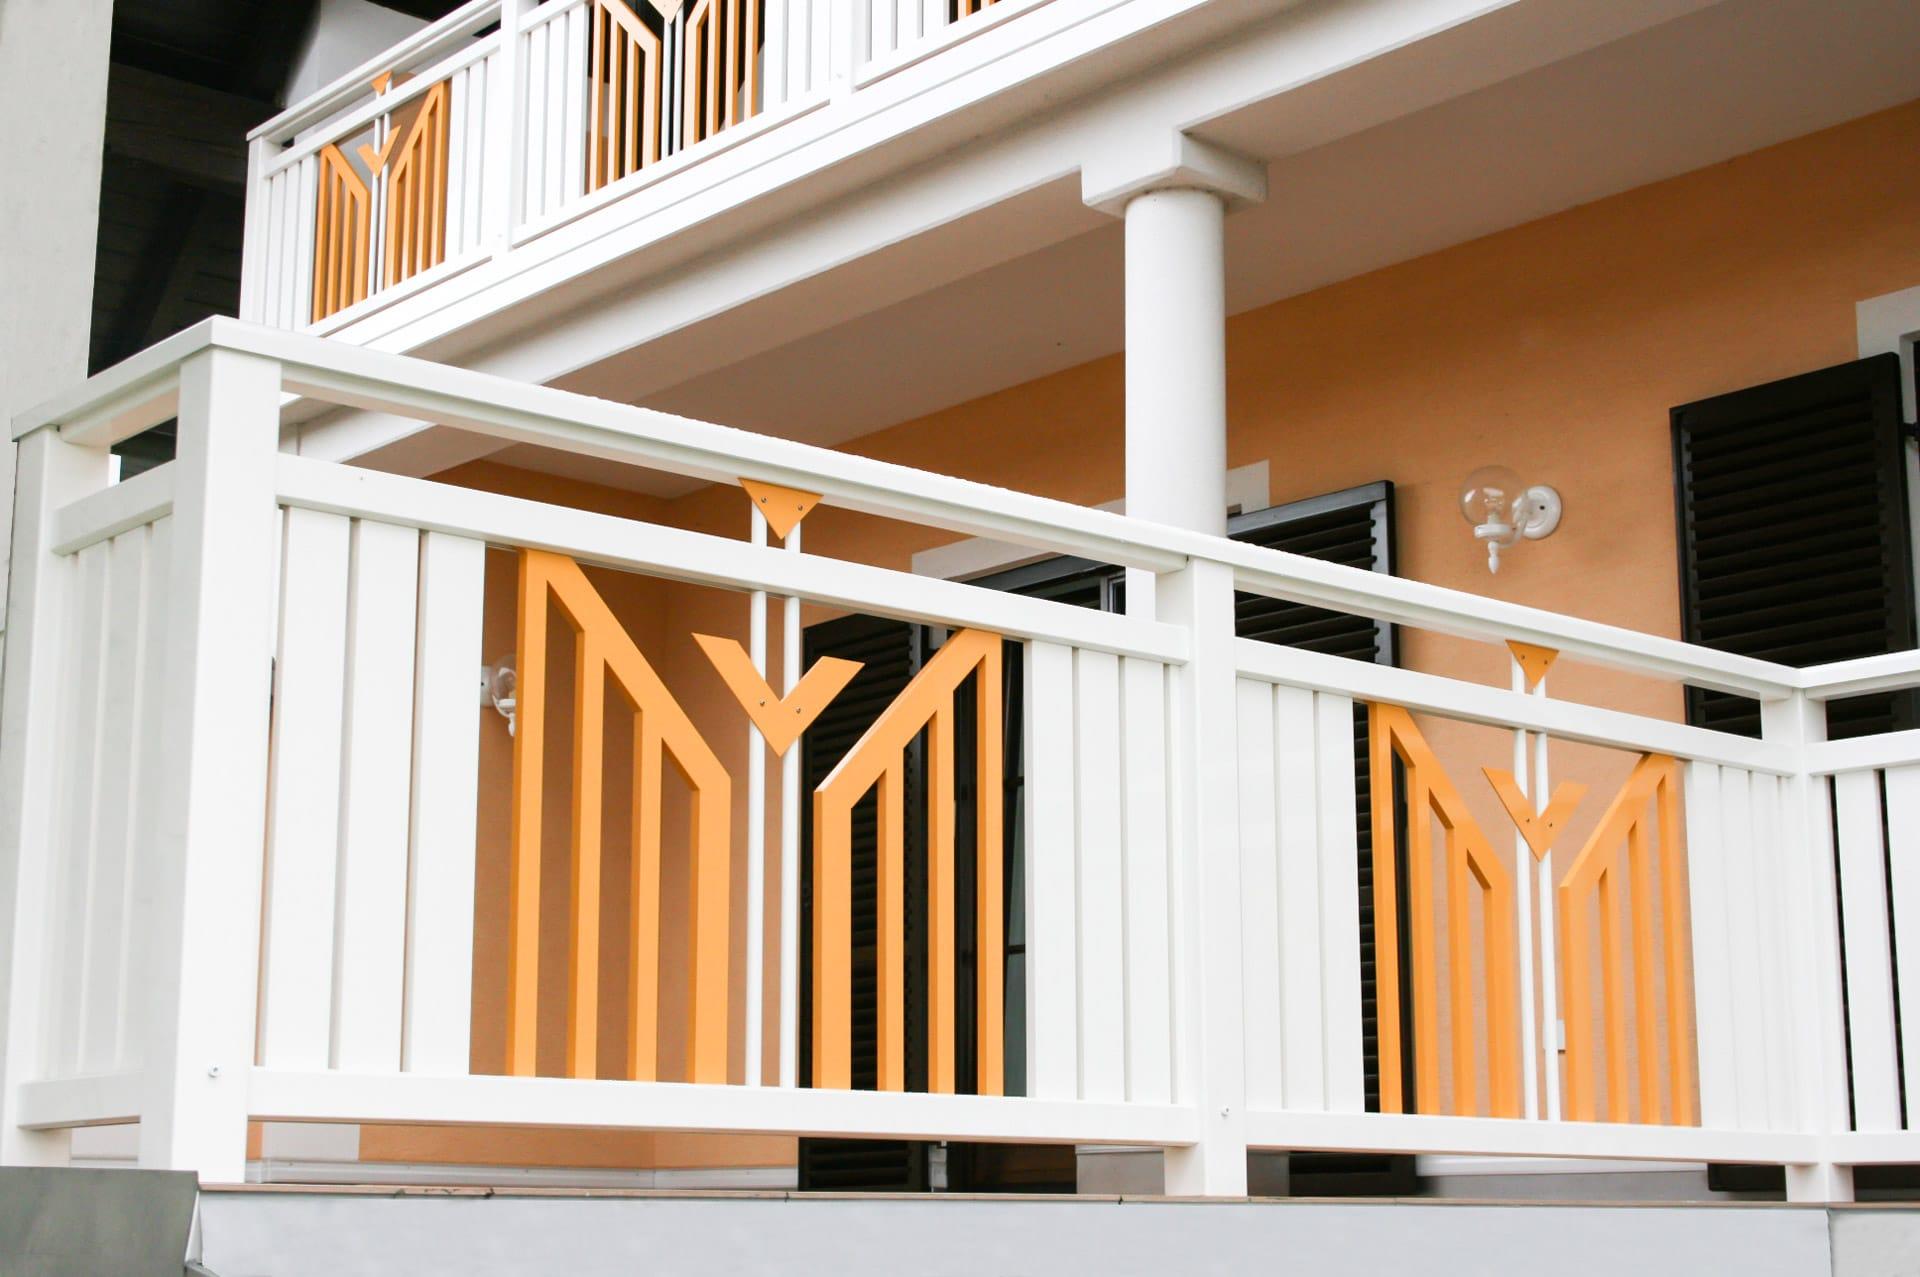 Villach 12 b | Alugeländer orange-weiß mit vertikalen Alu-Brettern, Latten-Vollblech-Dekor | Svoboda